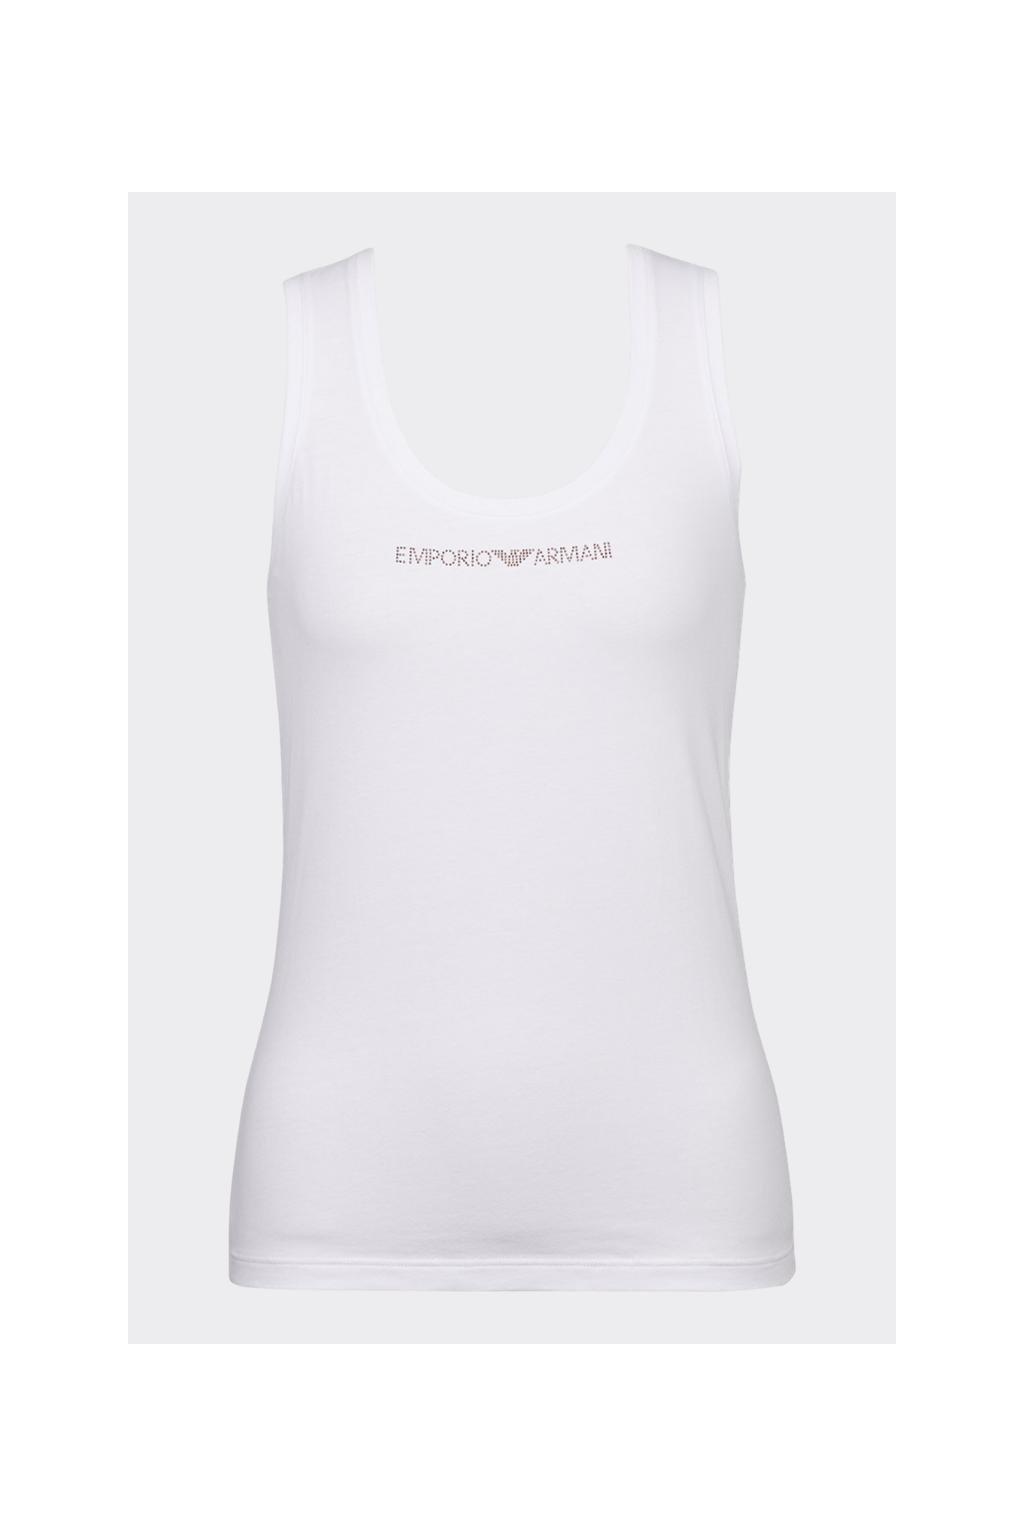 Emporio Armani visibility tílko - bílé